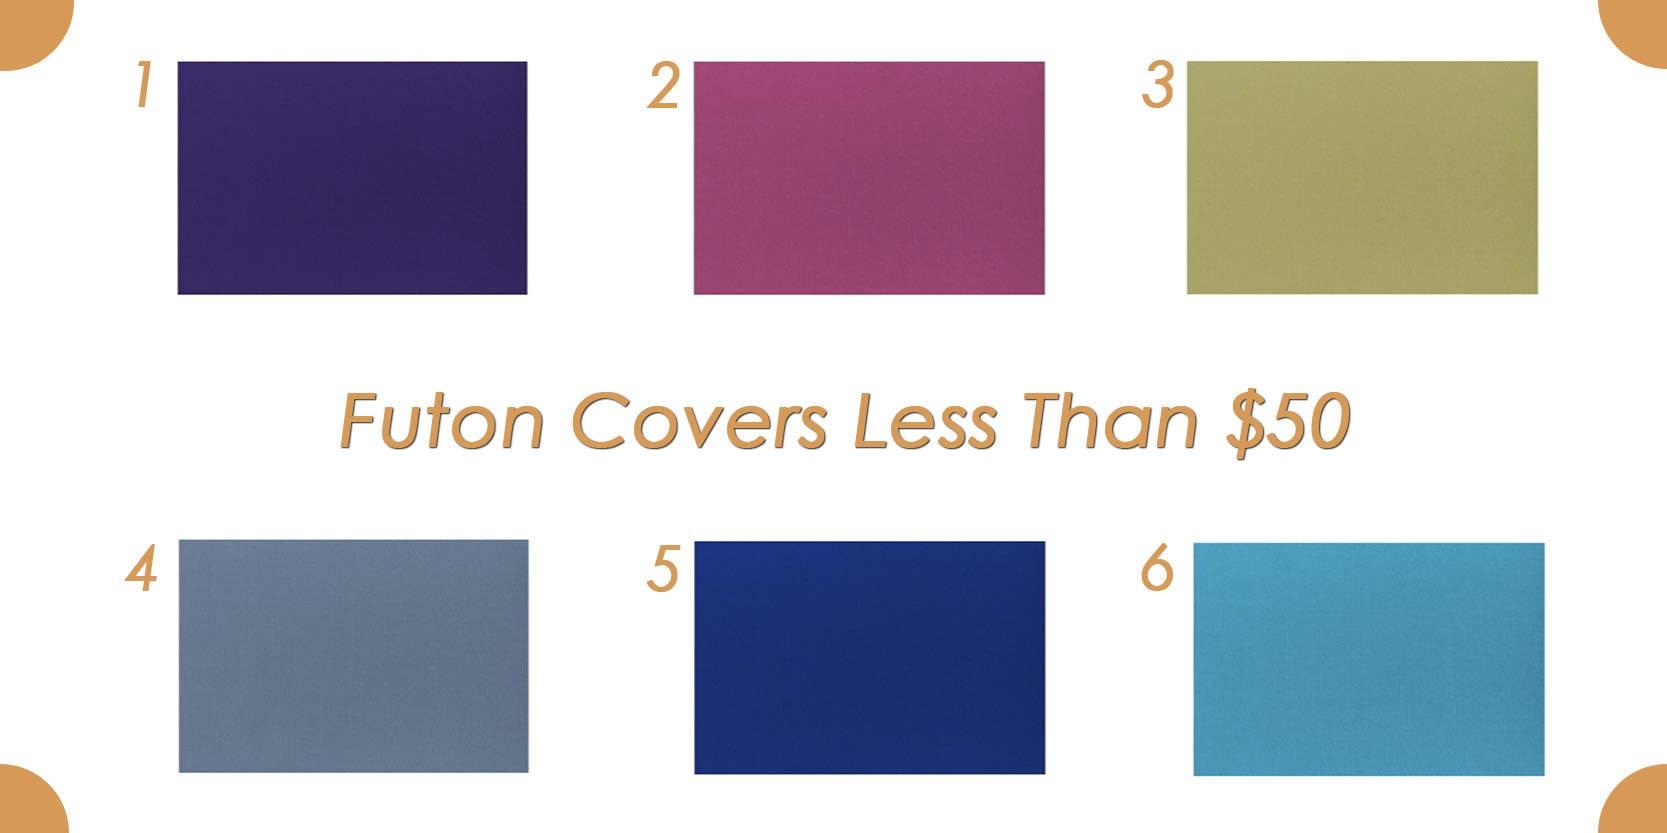 futon covers blog   the futon shop cyber monday sale  rh   thefutonshop